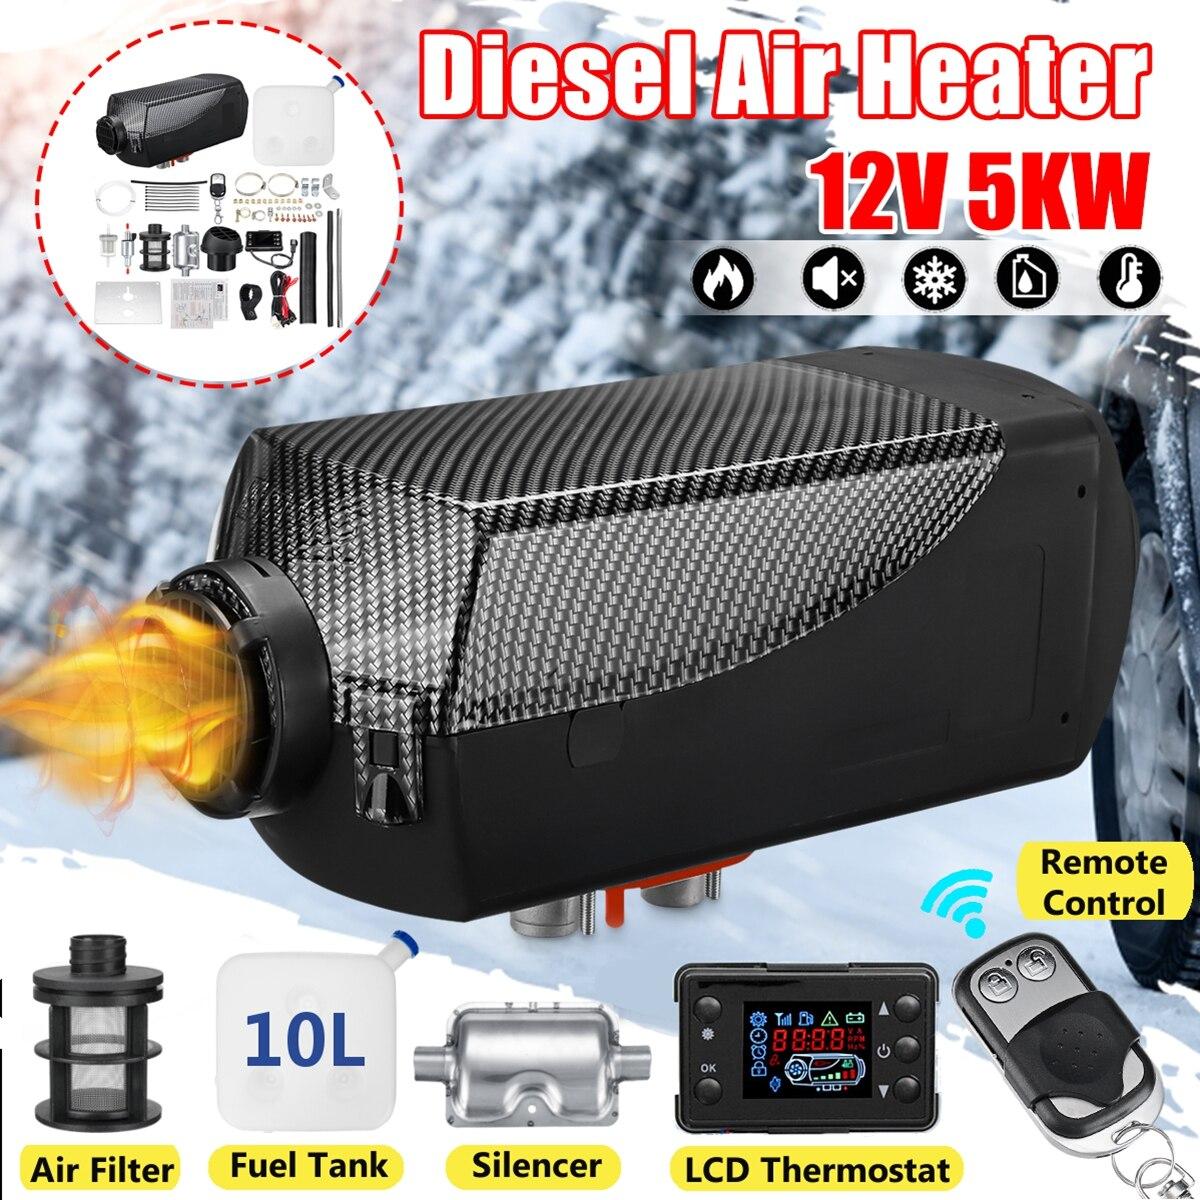 5KW 12 v 5000 w Air Autonome Diesel Chauffe-chauffage de la voiture Parking Chaleur Avec Télécommande pour Camping-car RV Remorque camions Bateau De Voiture